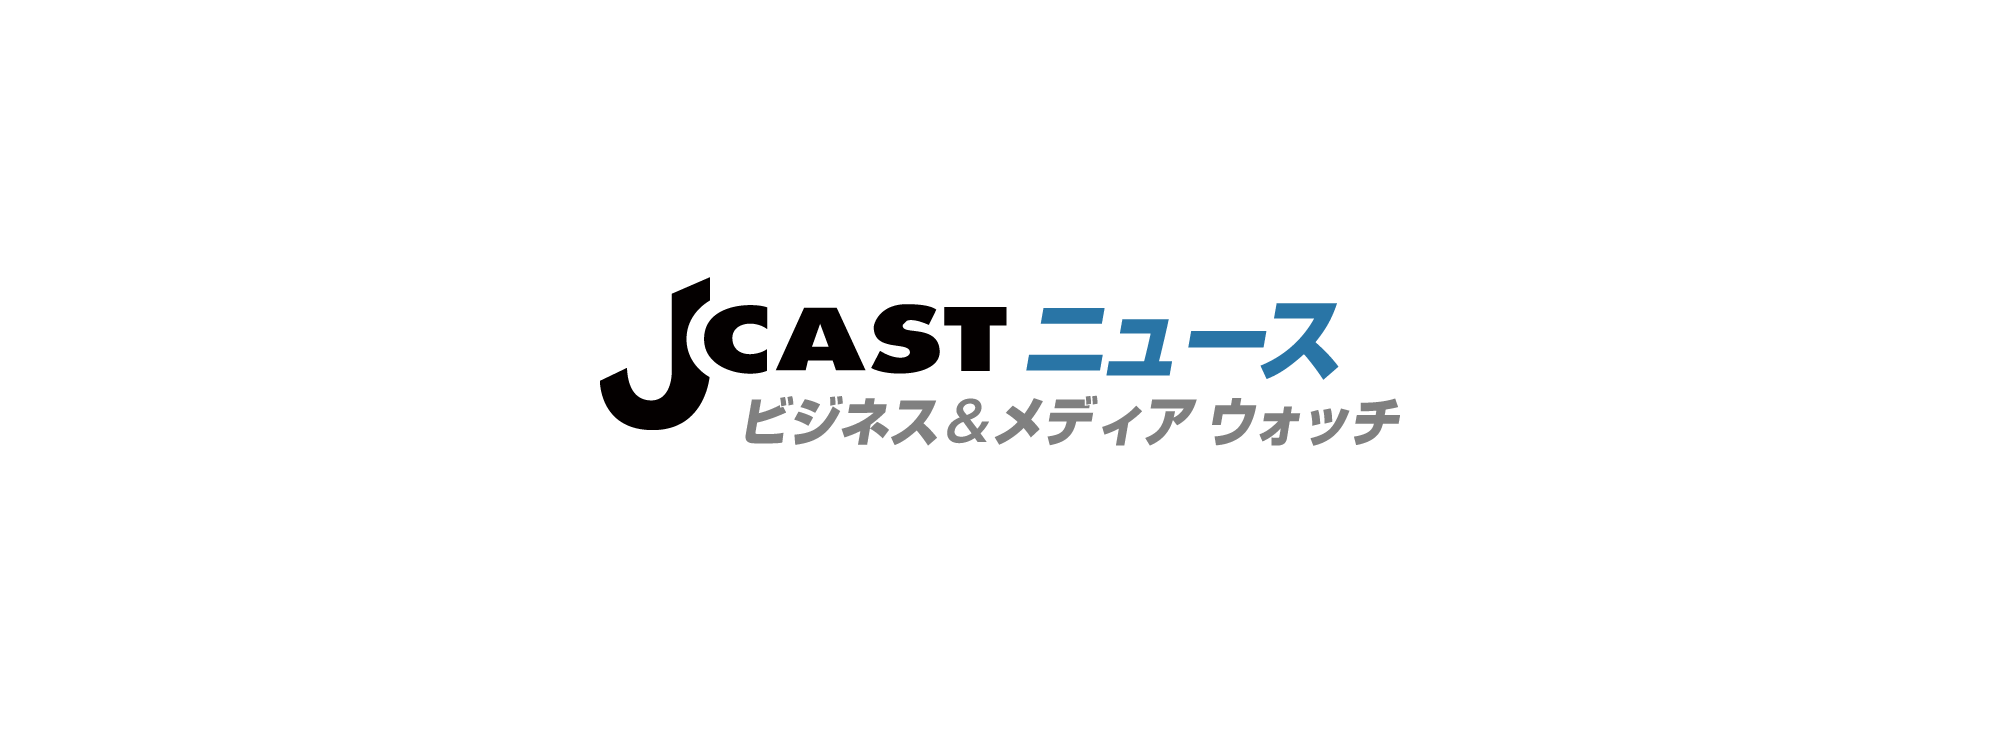 「カバンの中から分厚い色紙の束が」 西川貴教、転売目的のサイン希望者に忠告 : J-CASTテレビウォッチ